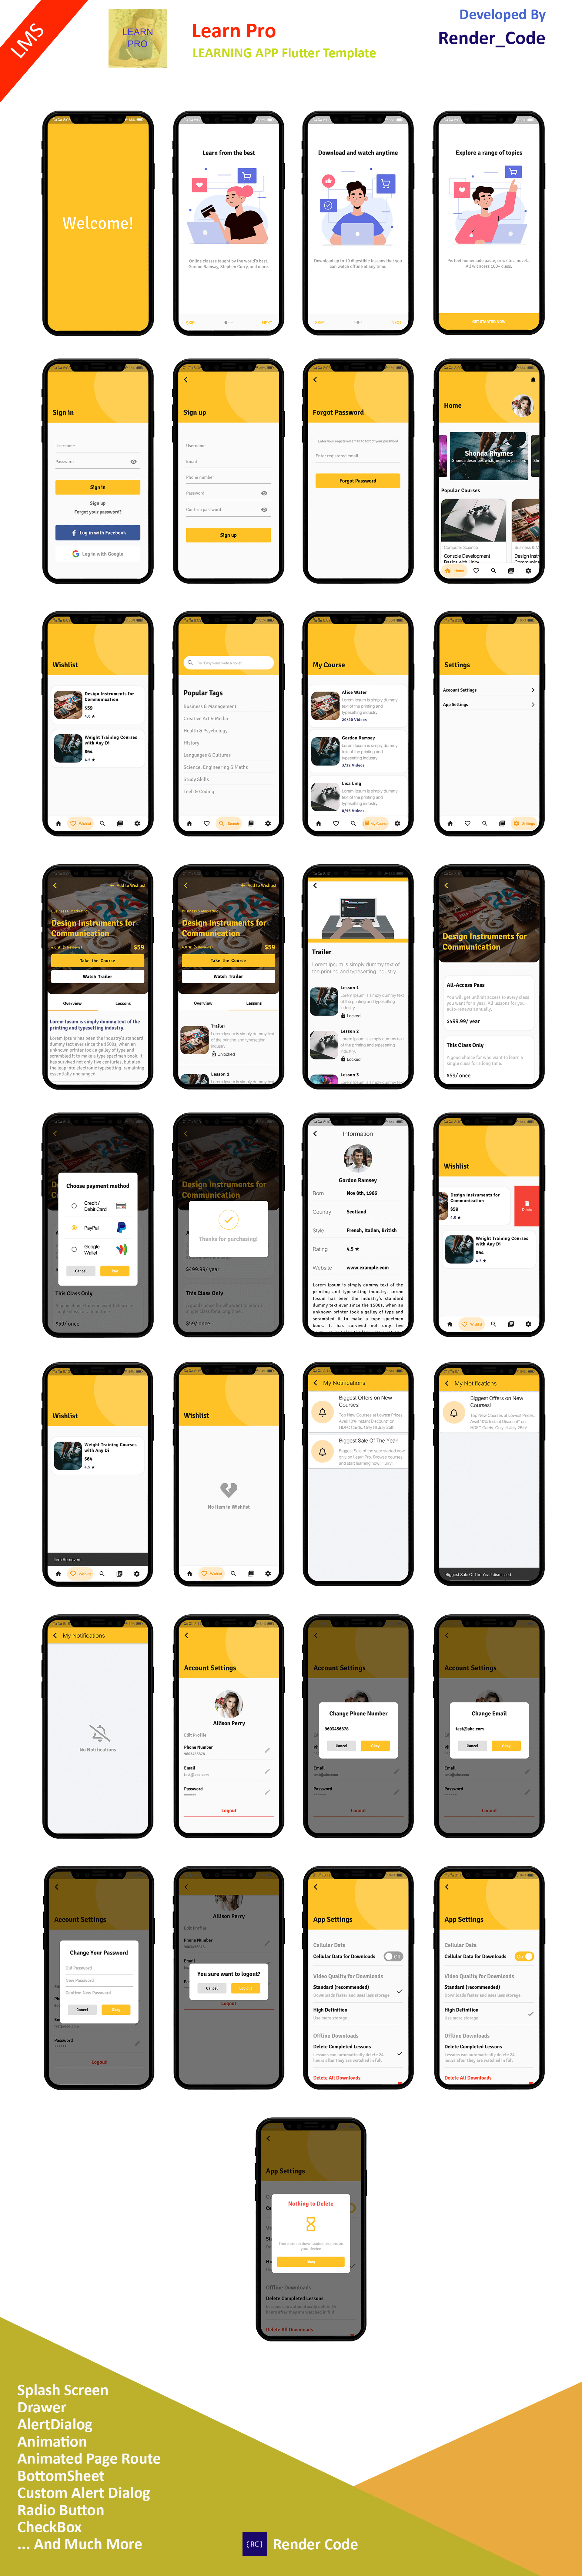 StunningKit - Biggest Flutter App Template Kit (15 App Template) - 11